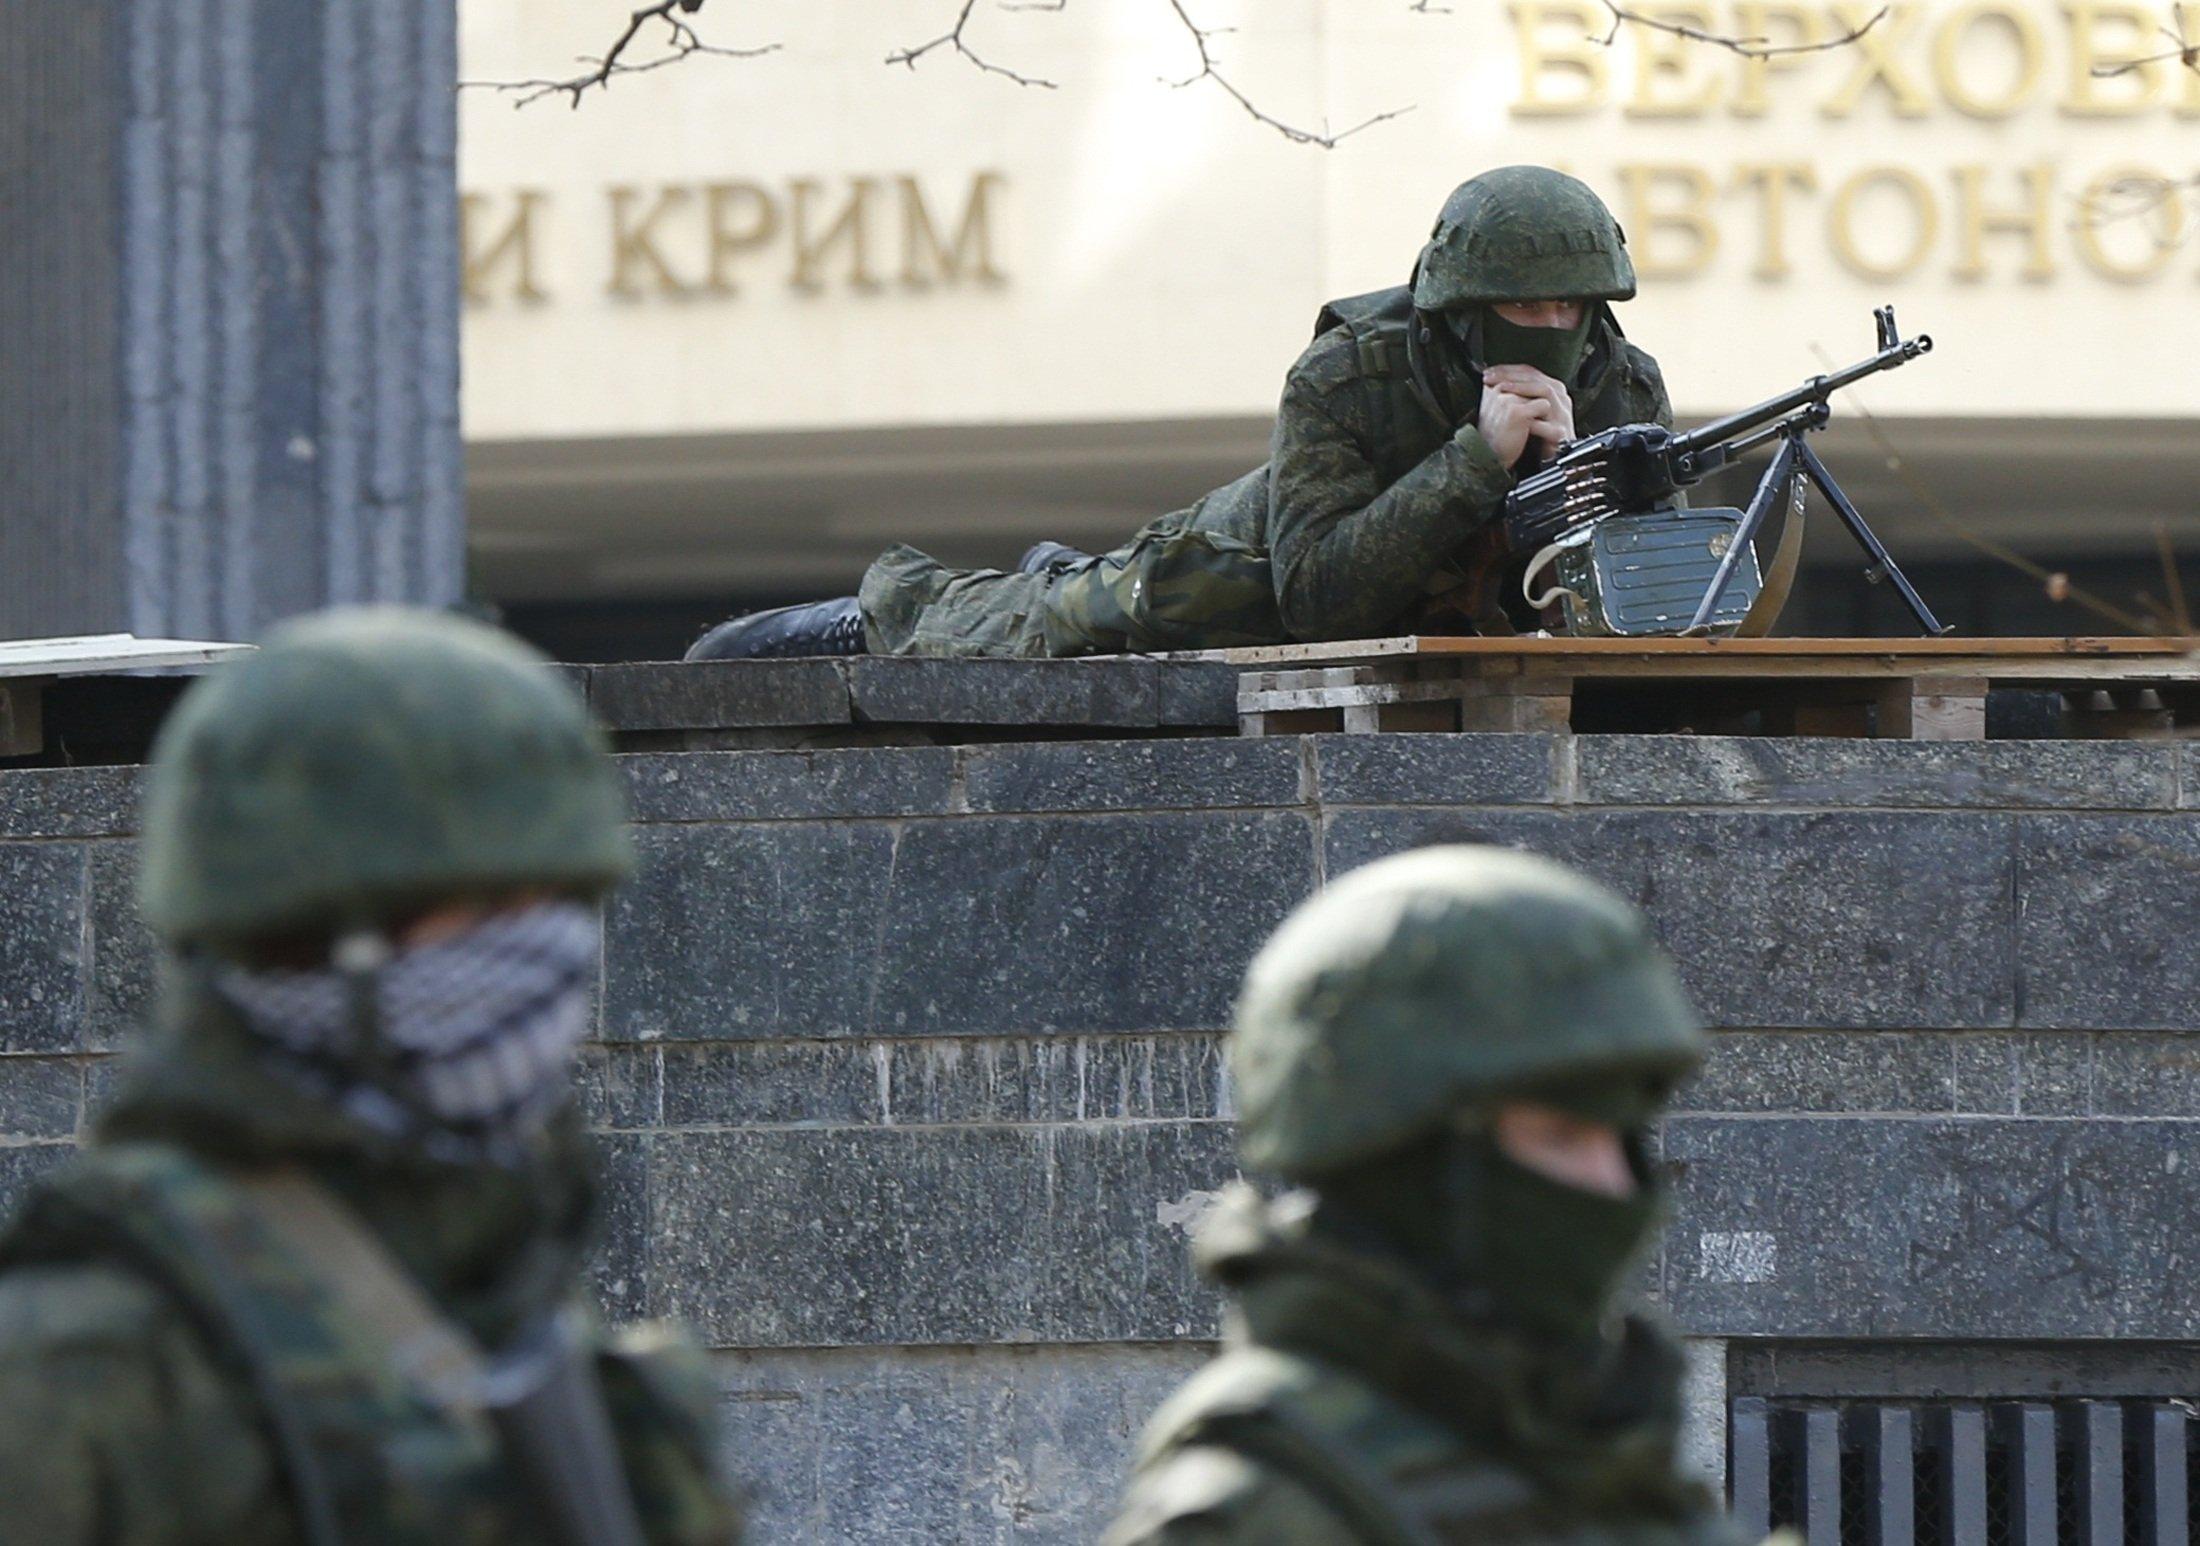 Карты используют ООН, Facebook, Apple: OpenStreetMap «двулично» решил скандал с российским Крымом